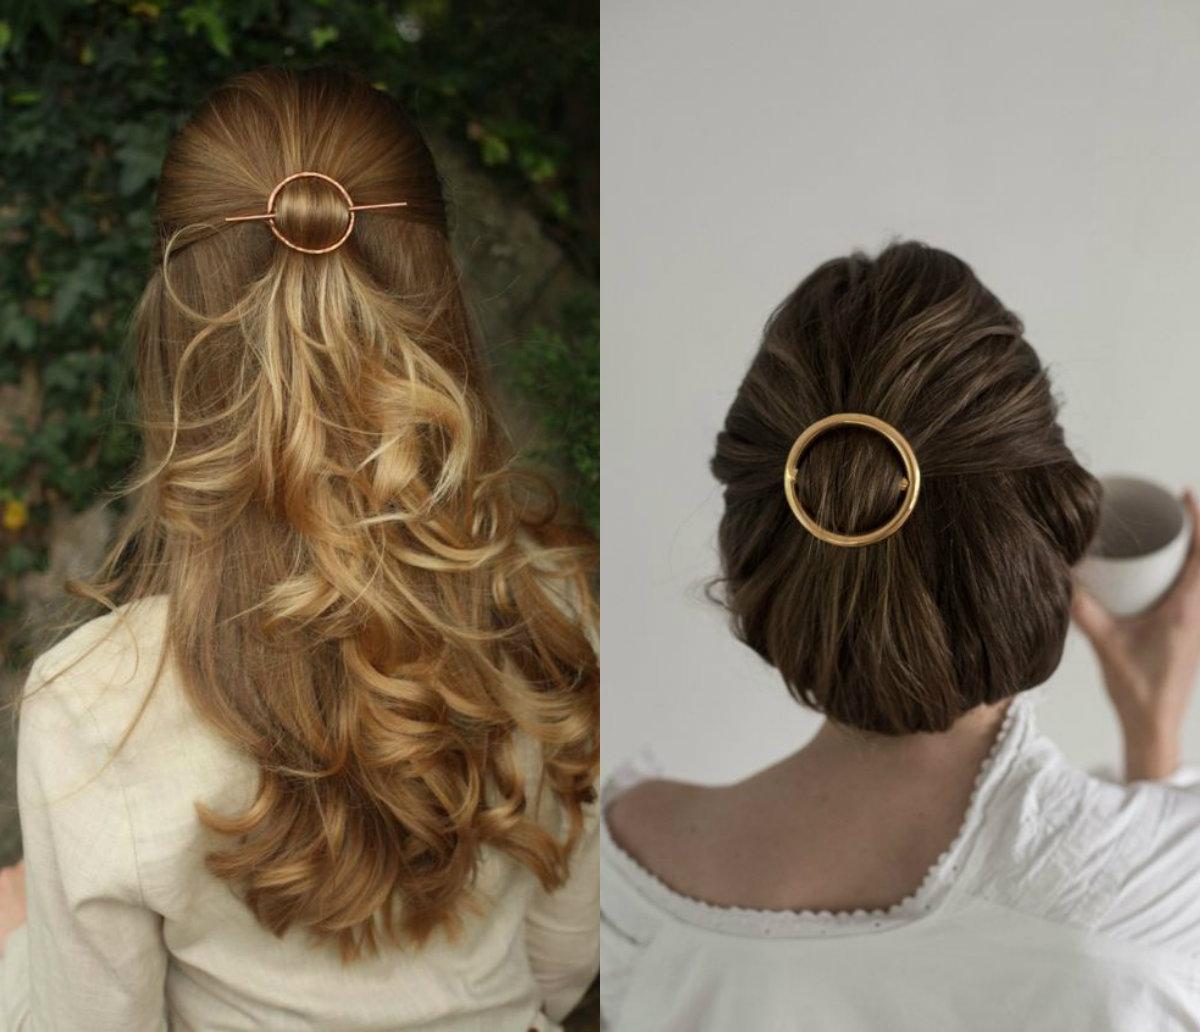 minimalistische goldene Haarschmuck für die Hochzeit 2018